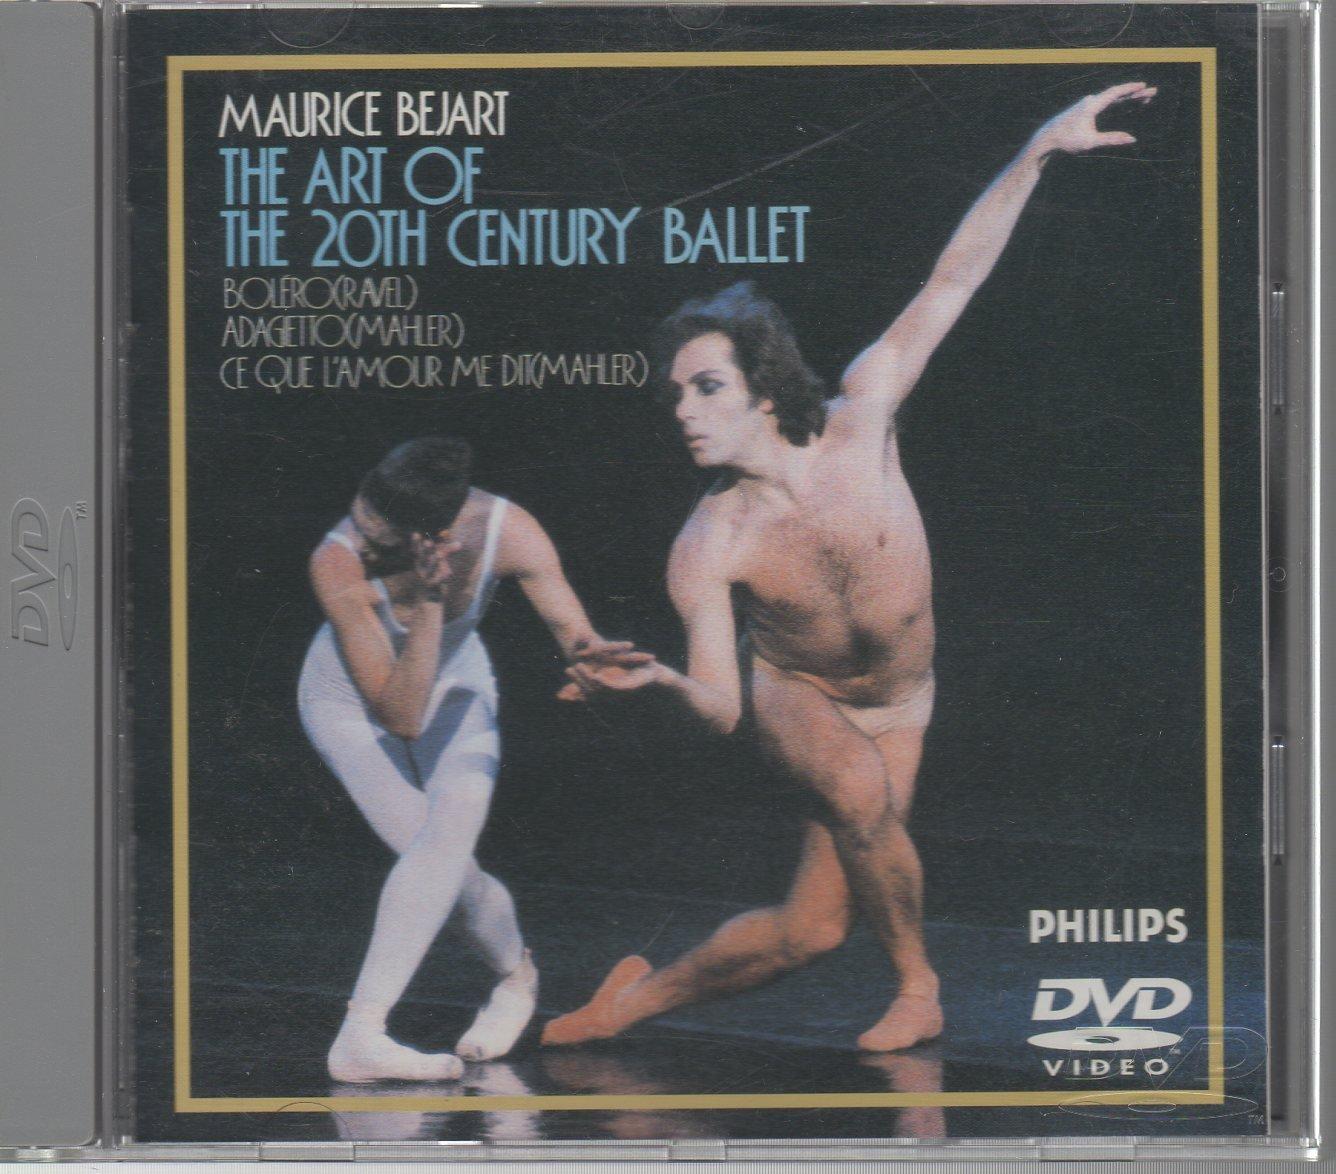 モーリスベジャールと二十世紀バレエ団の芸術 [DVD] B00005R0L7